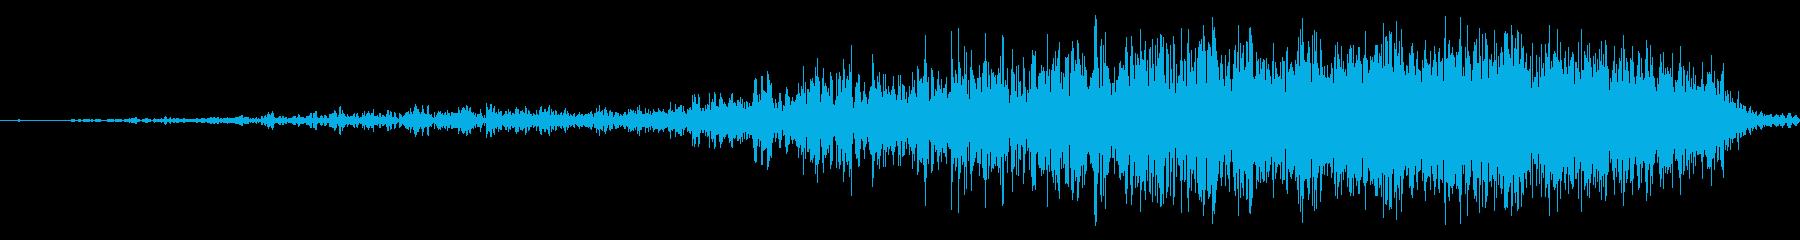 短いノイズ遷移の再生済みの波形